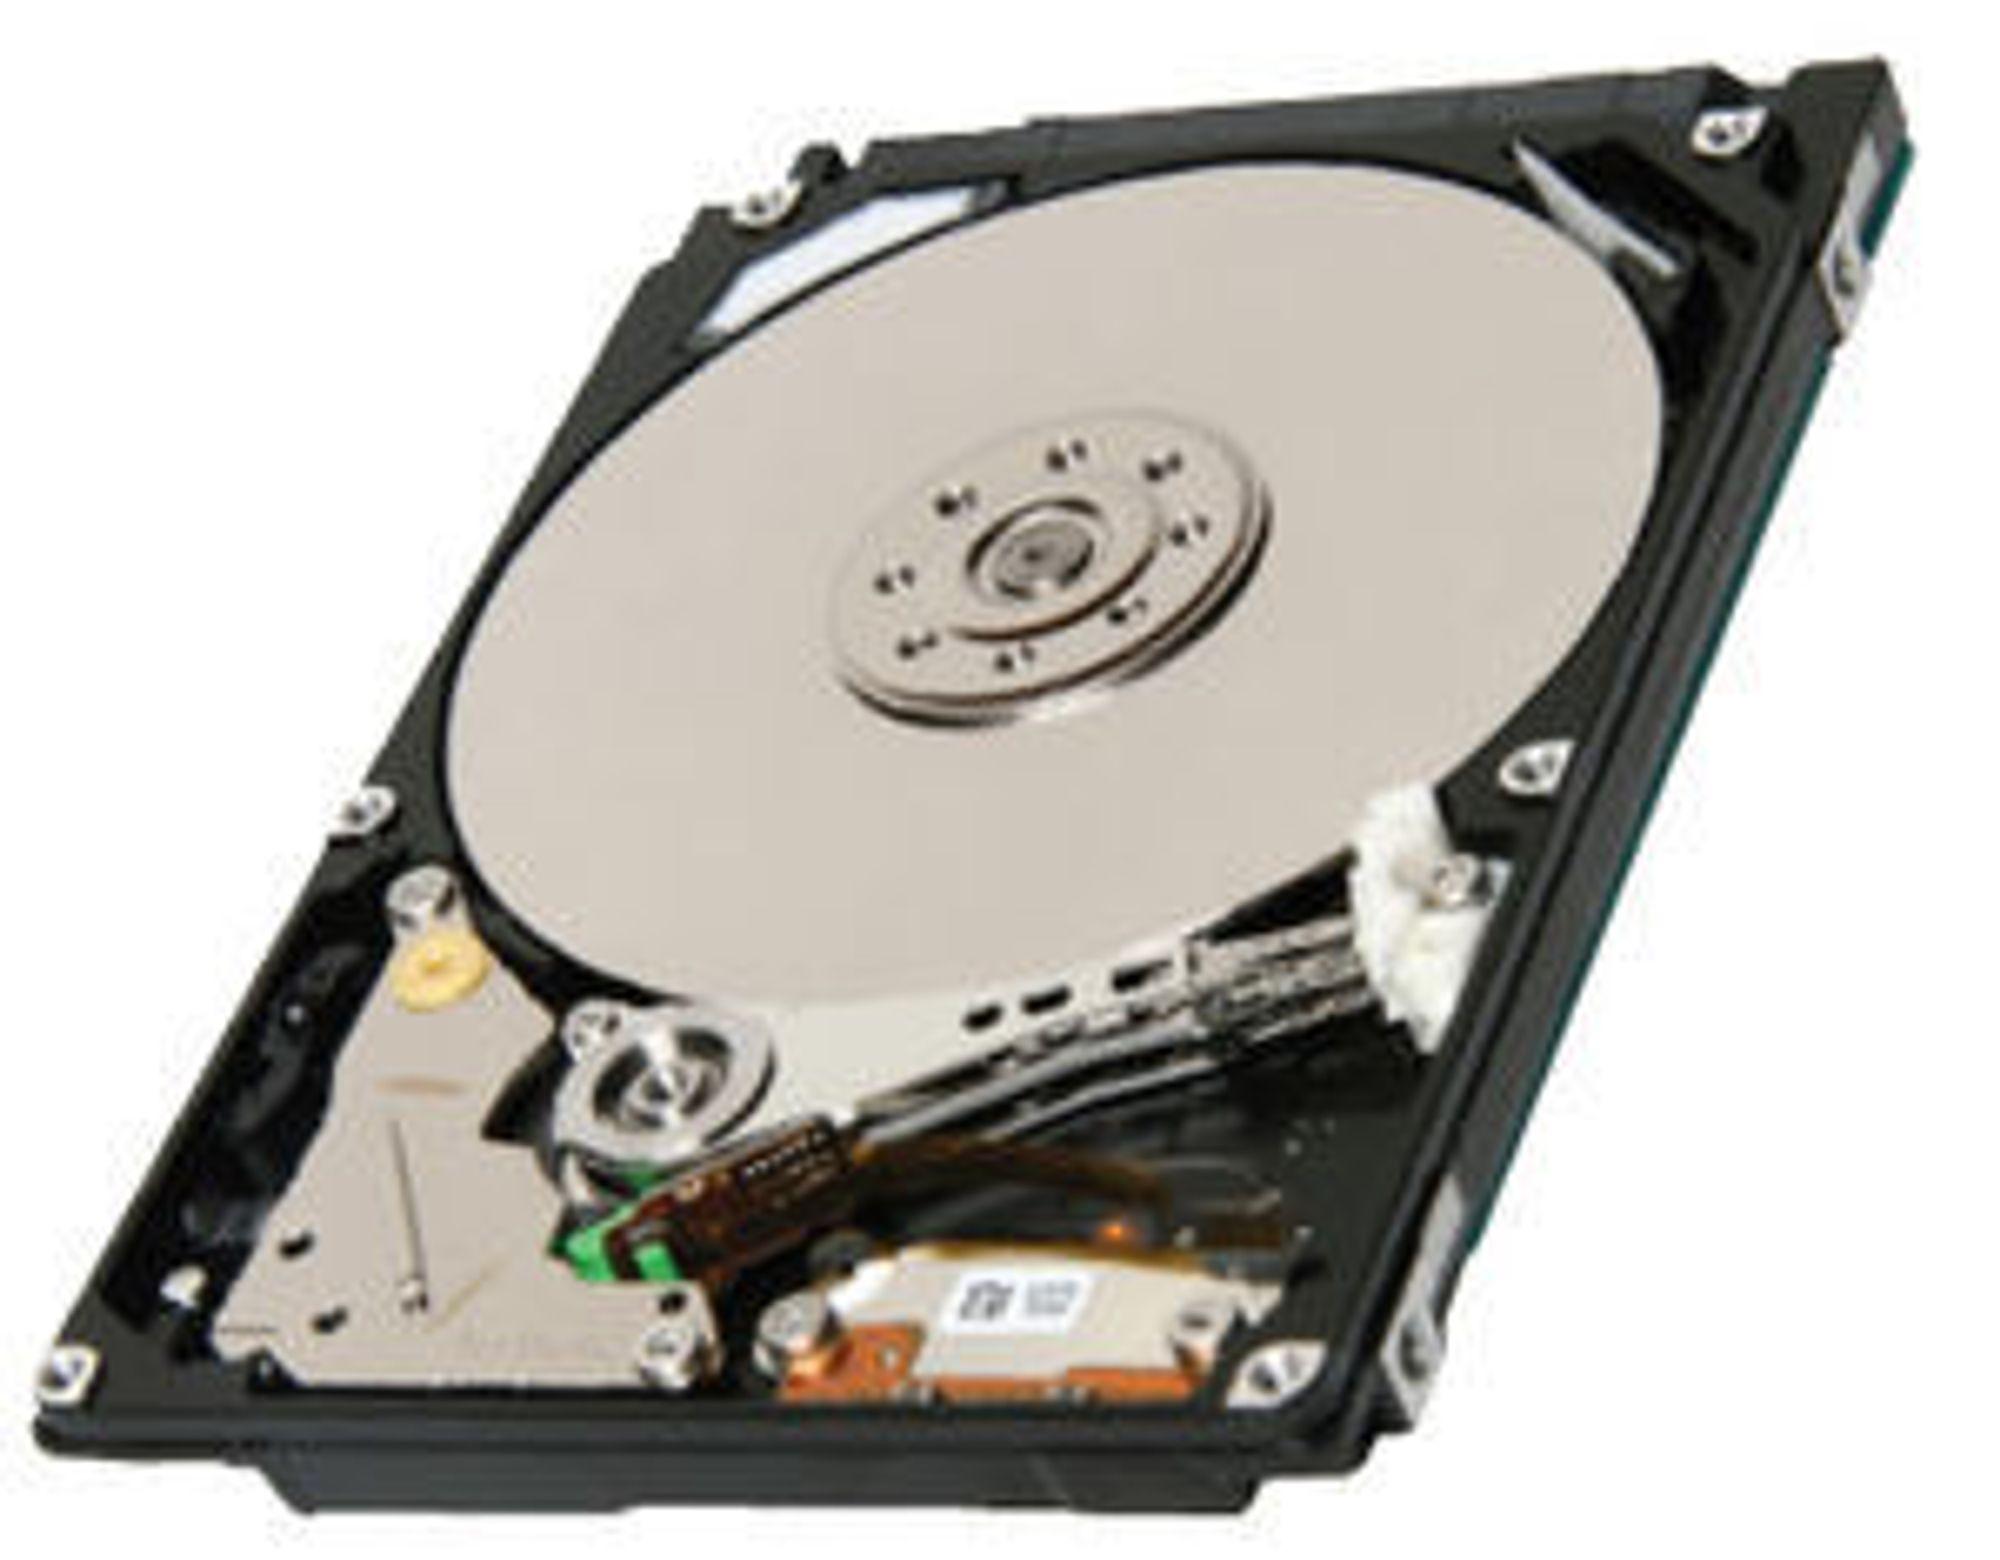 Toshiba MK7559GSXP 2,5 tommers harddisk med to plater og 750 gigabyte lagringskapasitet.